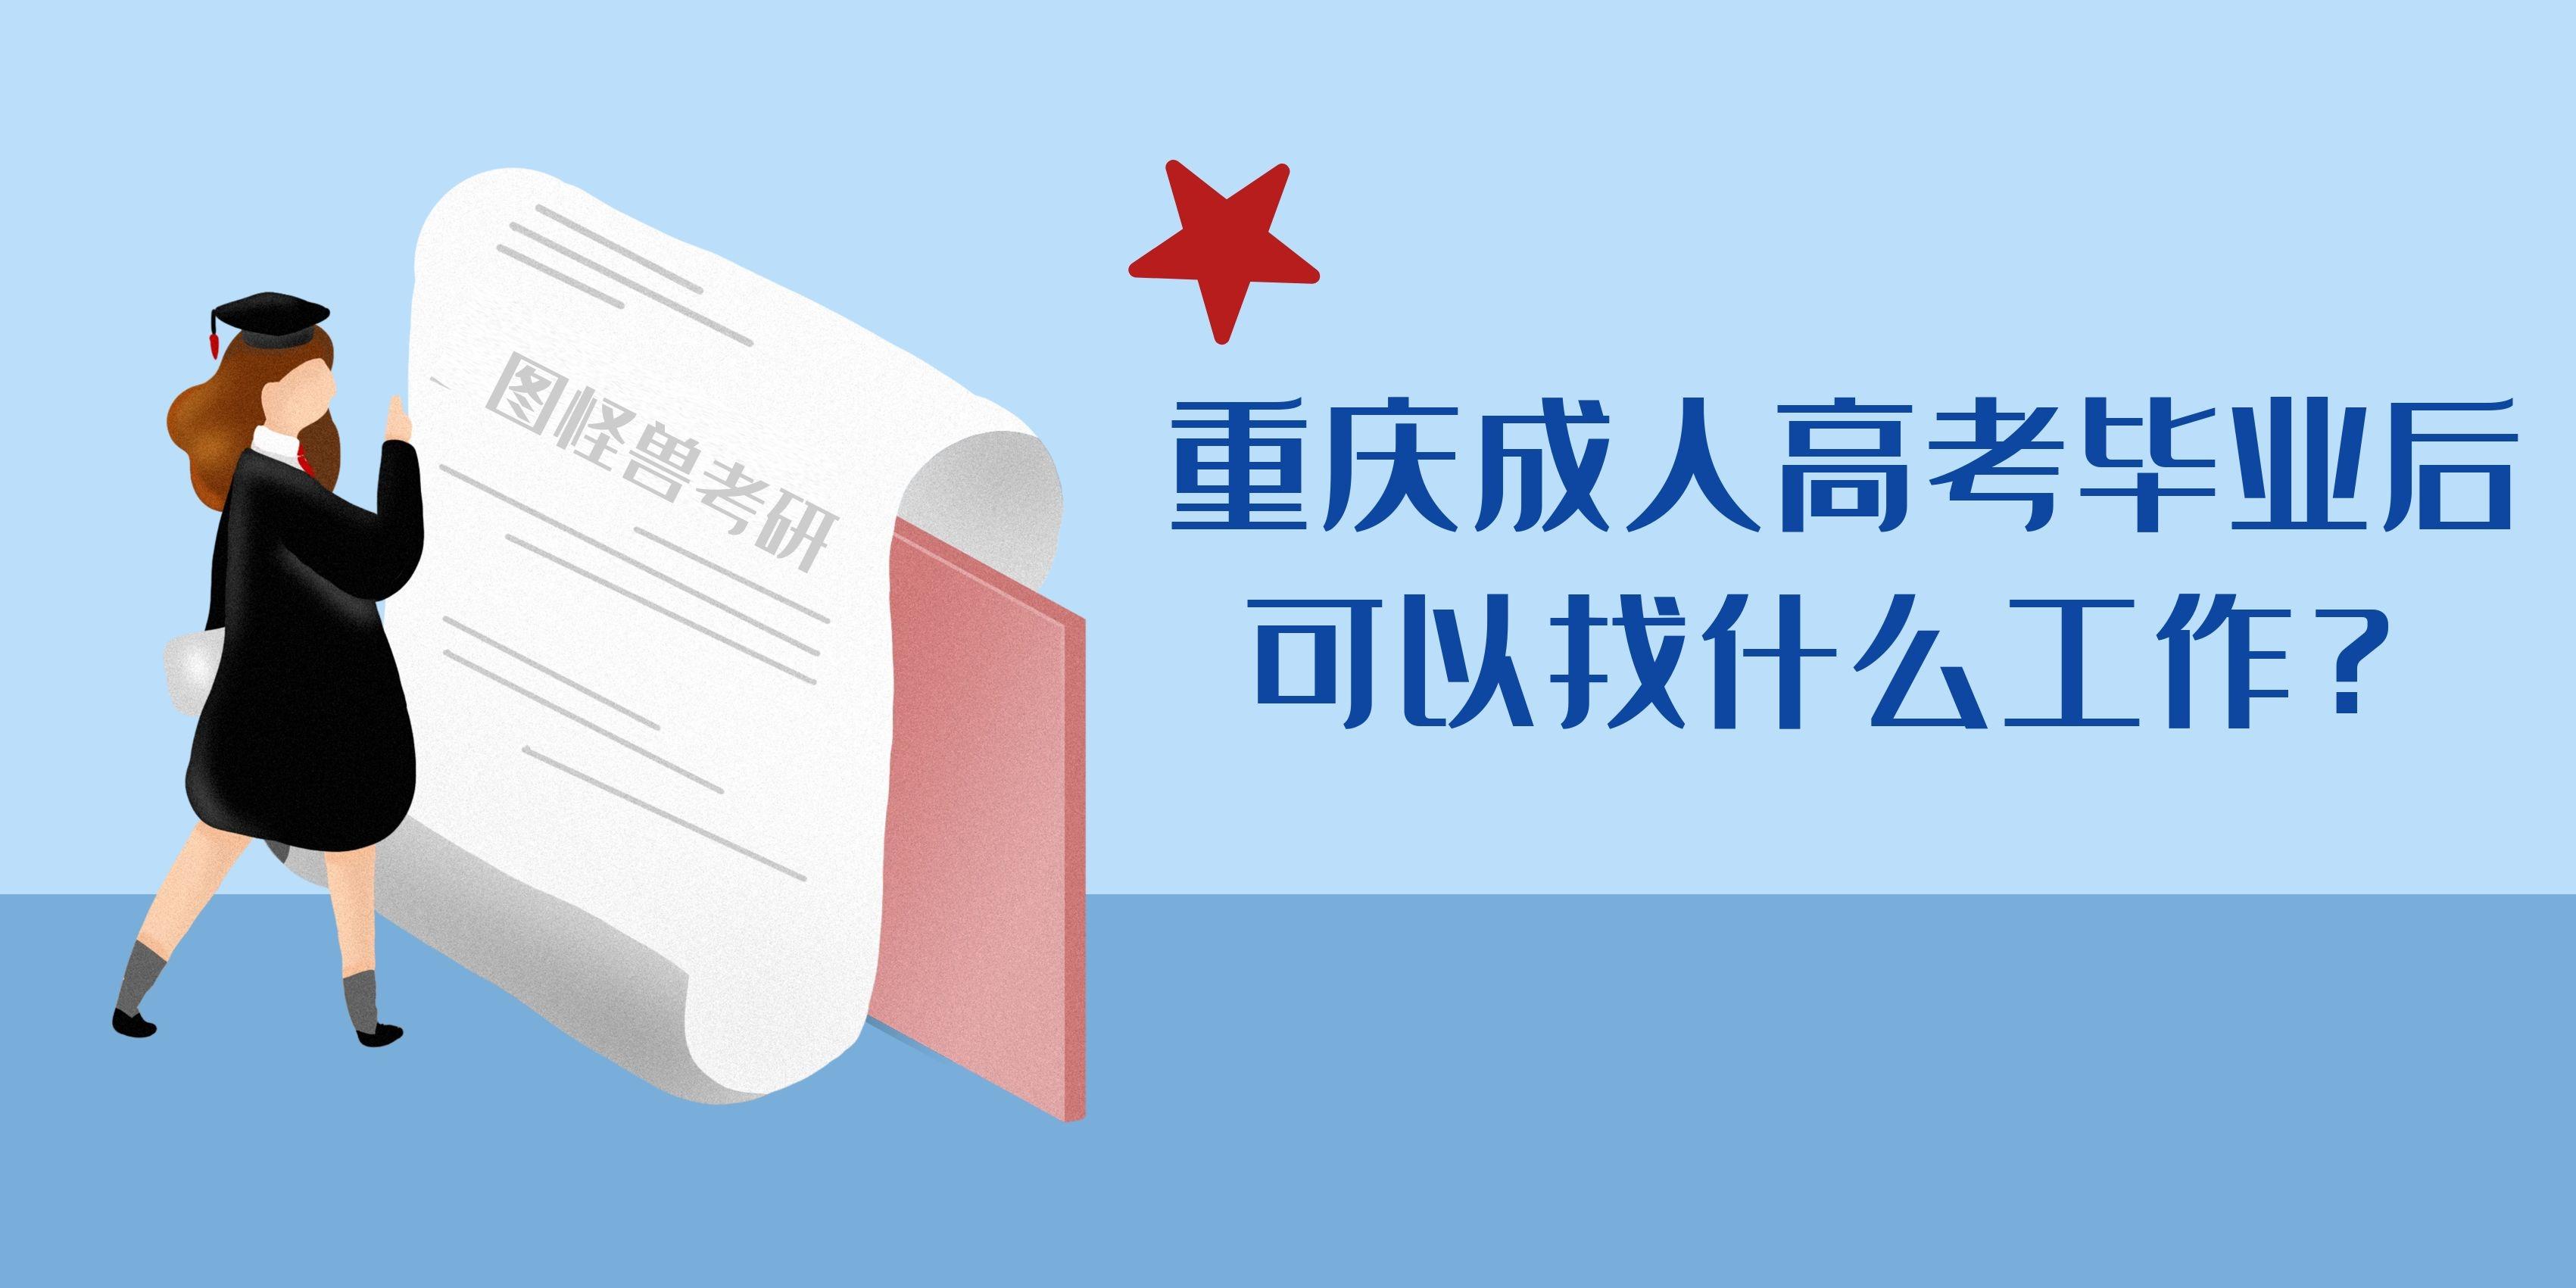 重庆成人高考毕业后可以找什么工作?